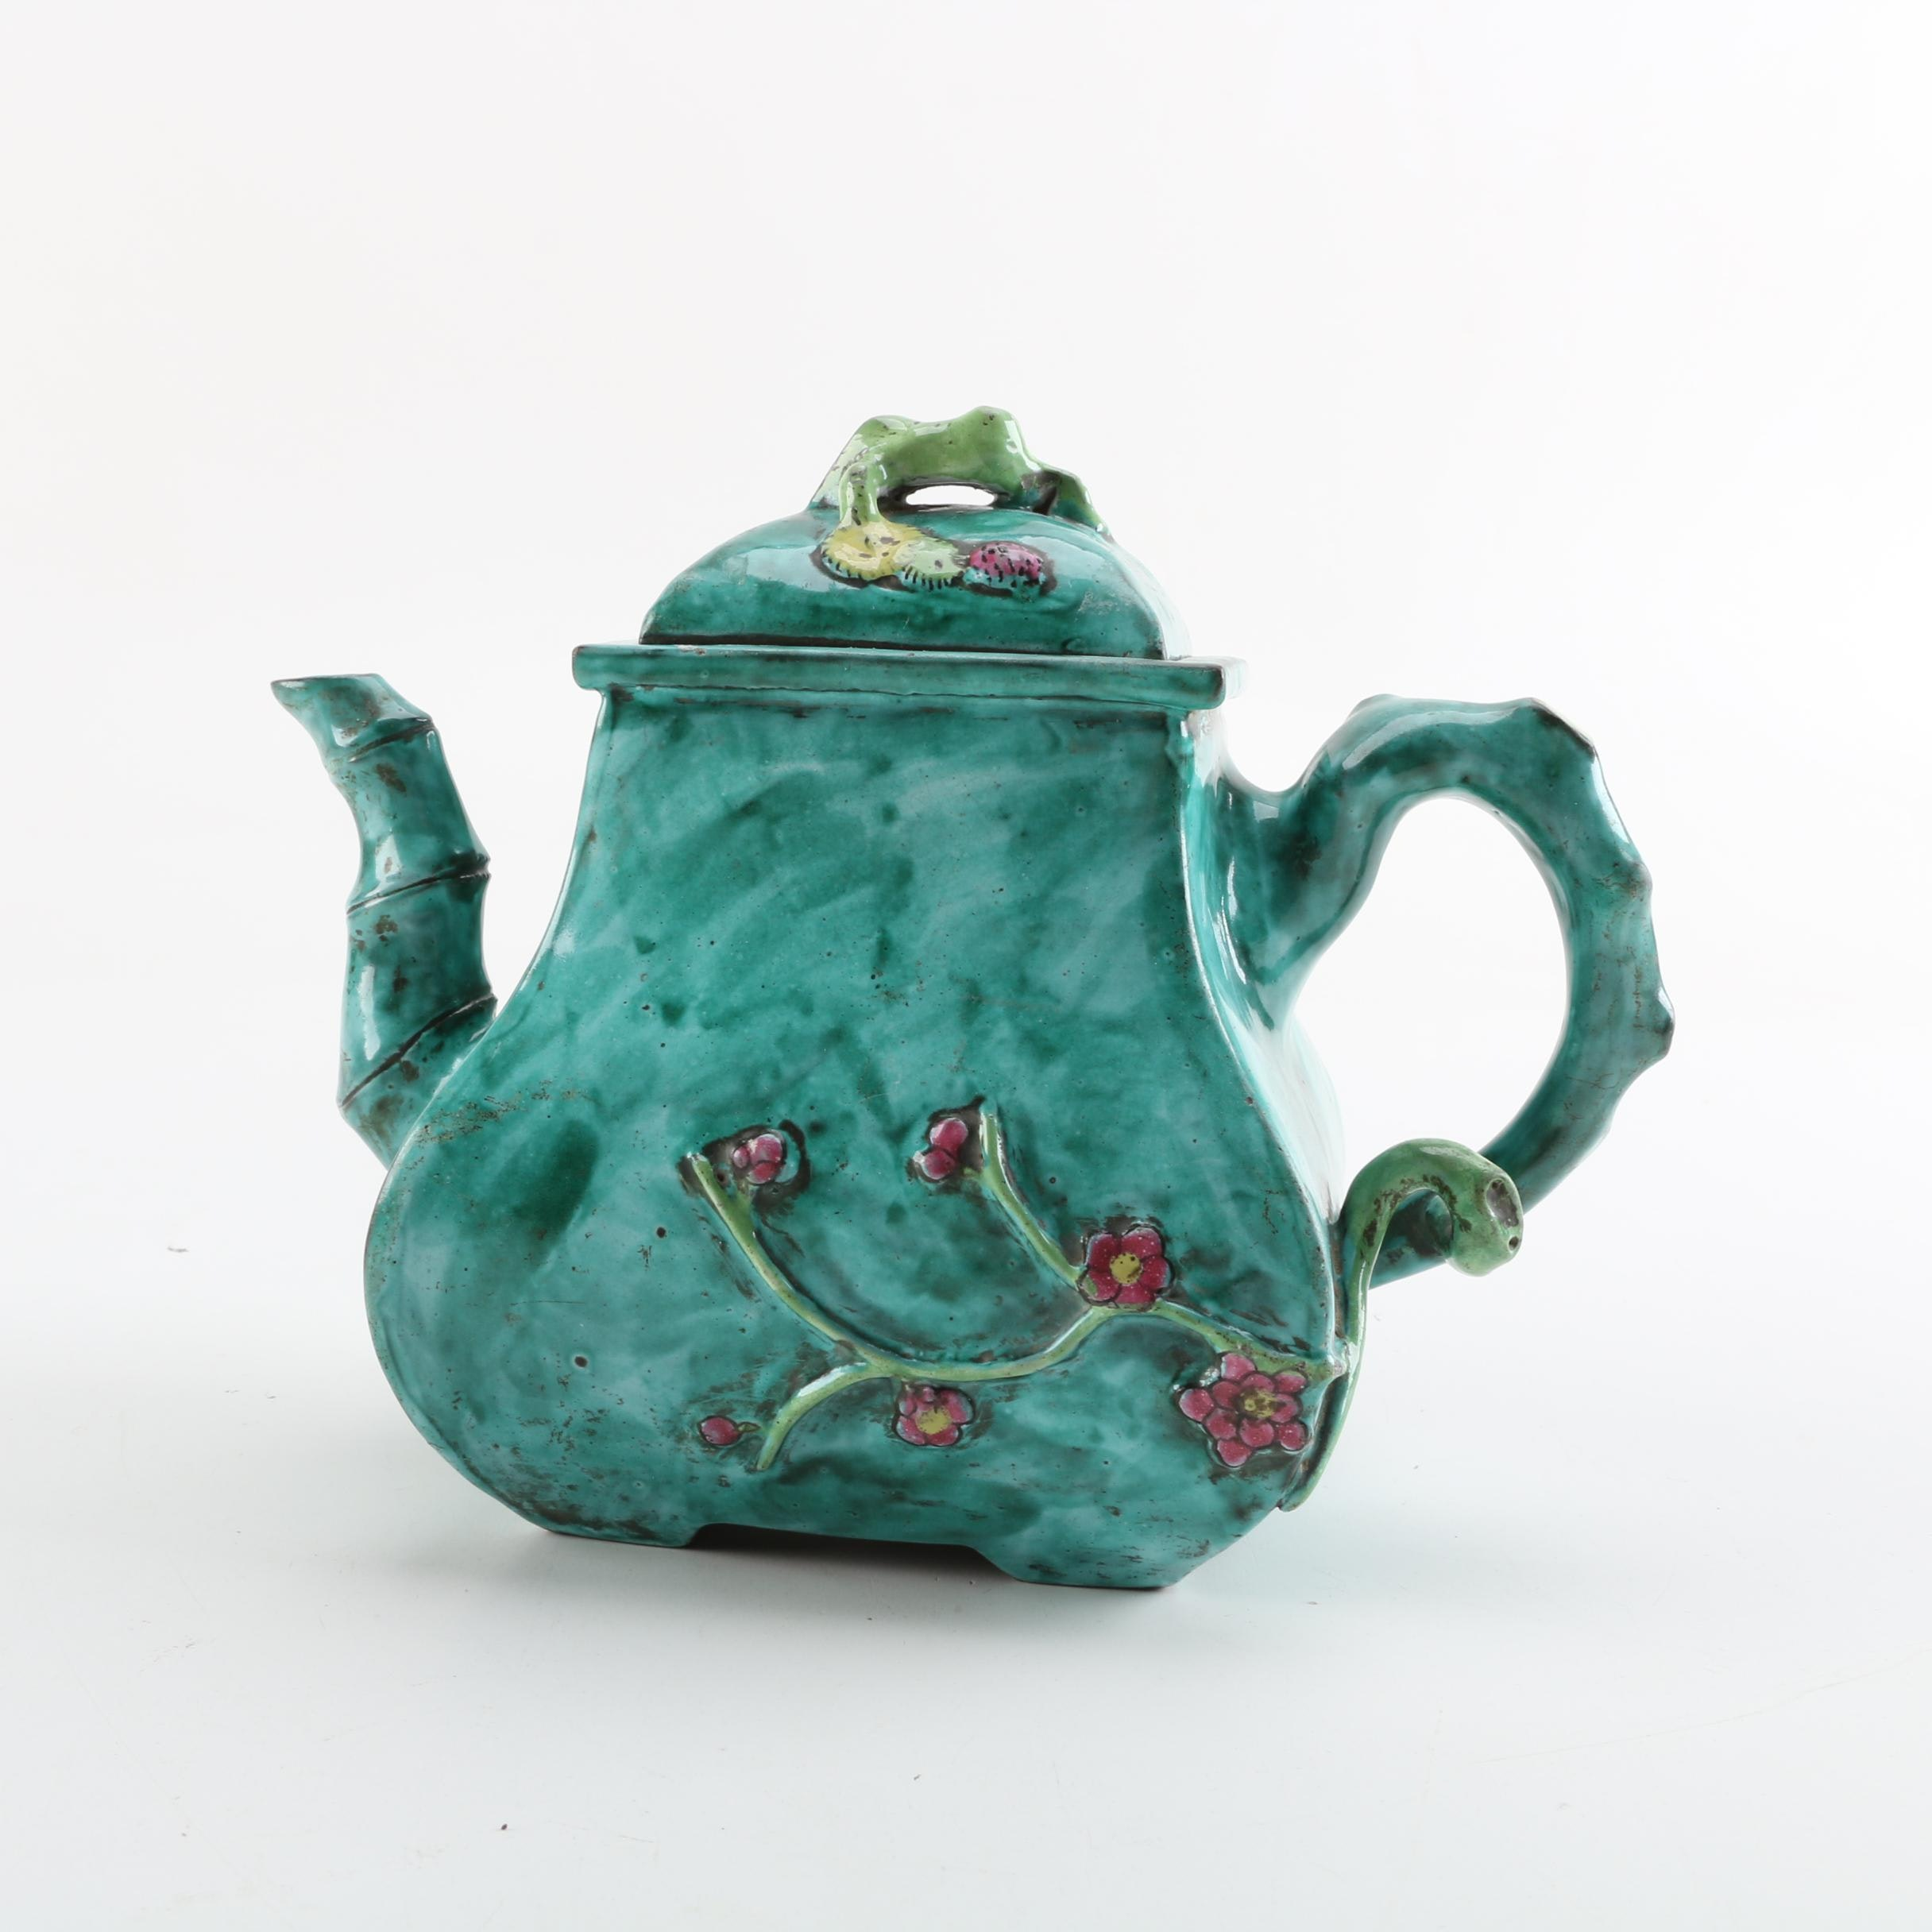 East Asian Majolica Style Earthenware Teapot